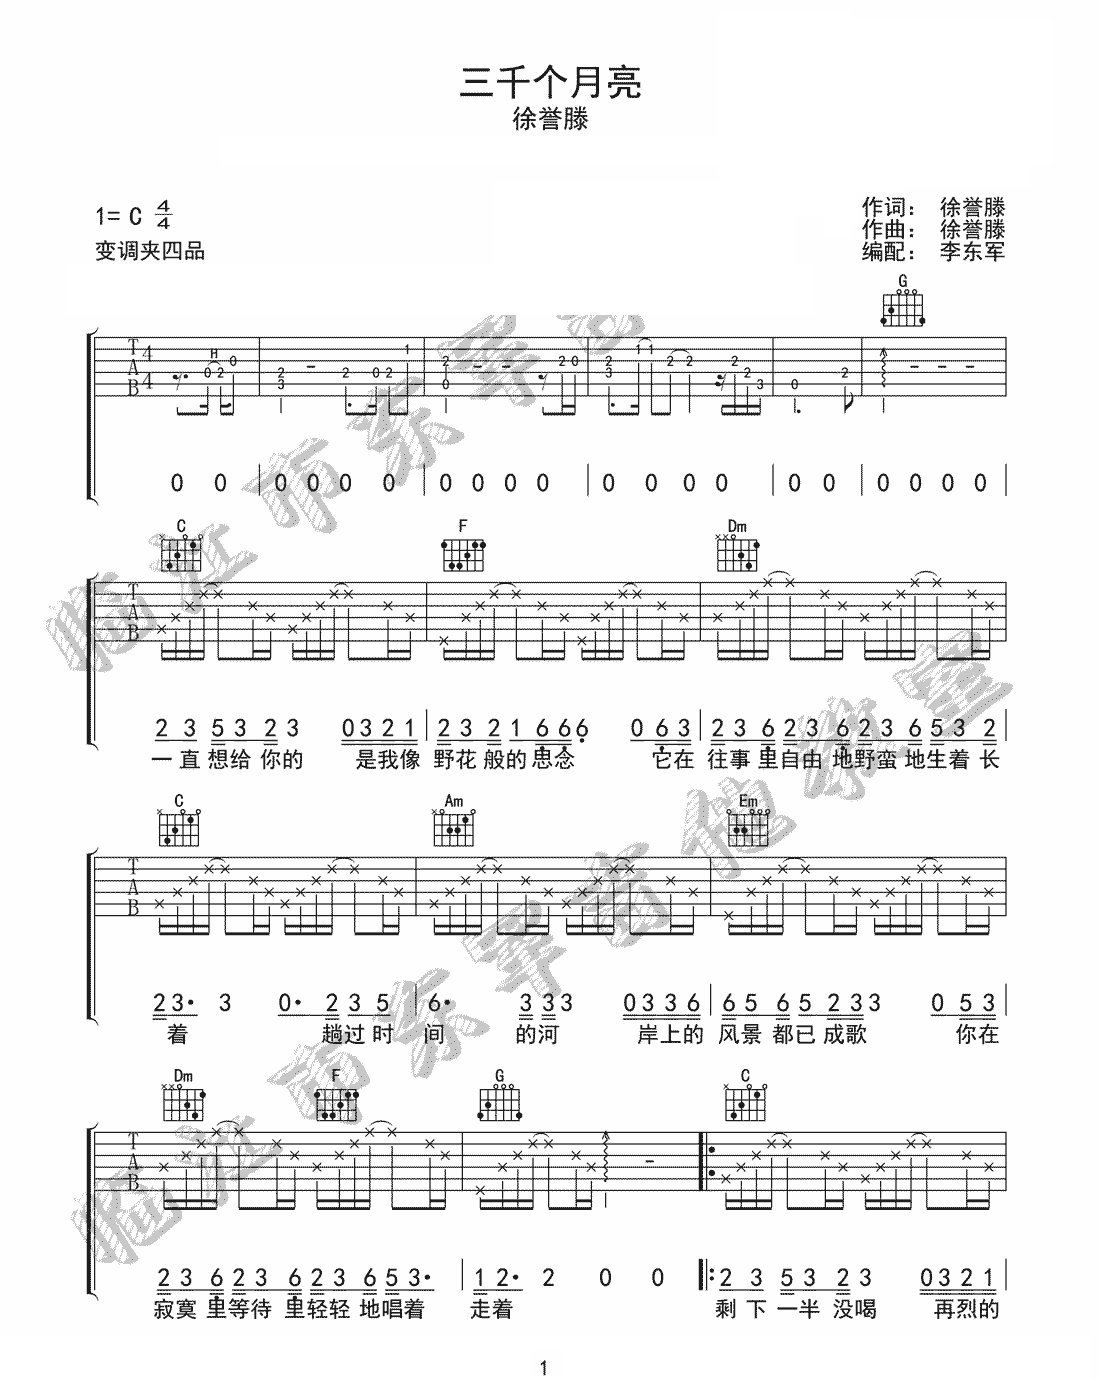 《三千个月亮》吉他谱_徐誉滕_C调原版弹唱谱_高清六线谱1